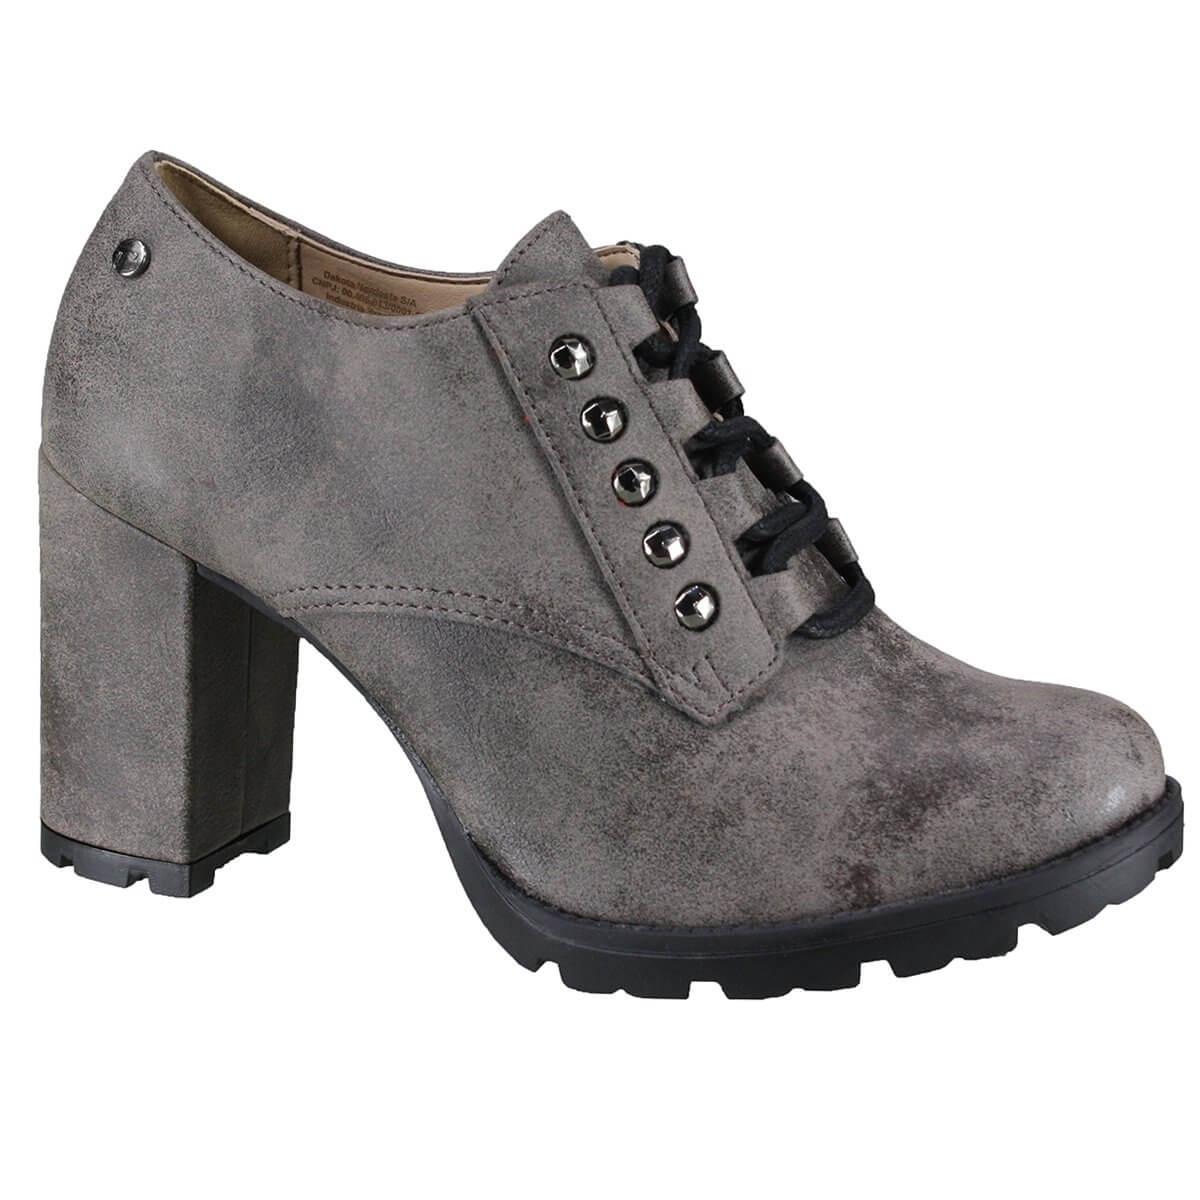 9353a287ca Sapato Oxford Feminino Tanara T2505 0002 - Rato (Gantti) - Calçados ...